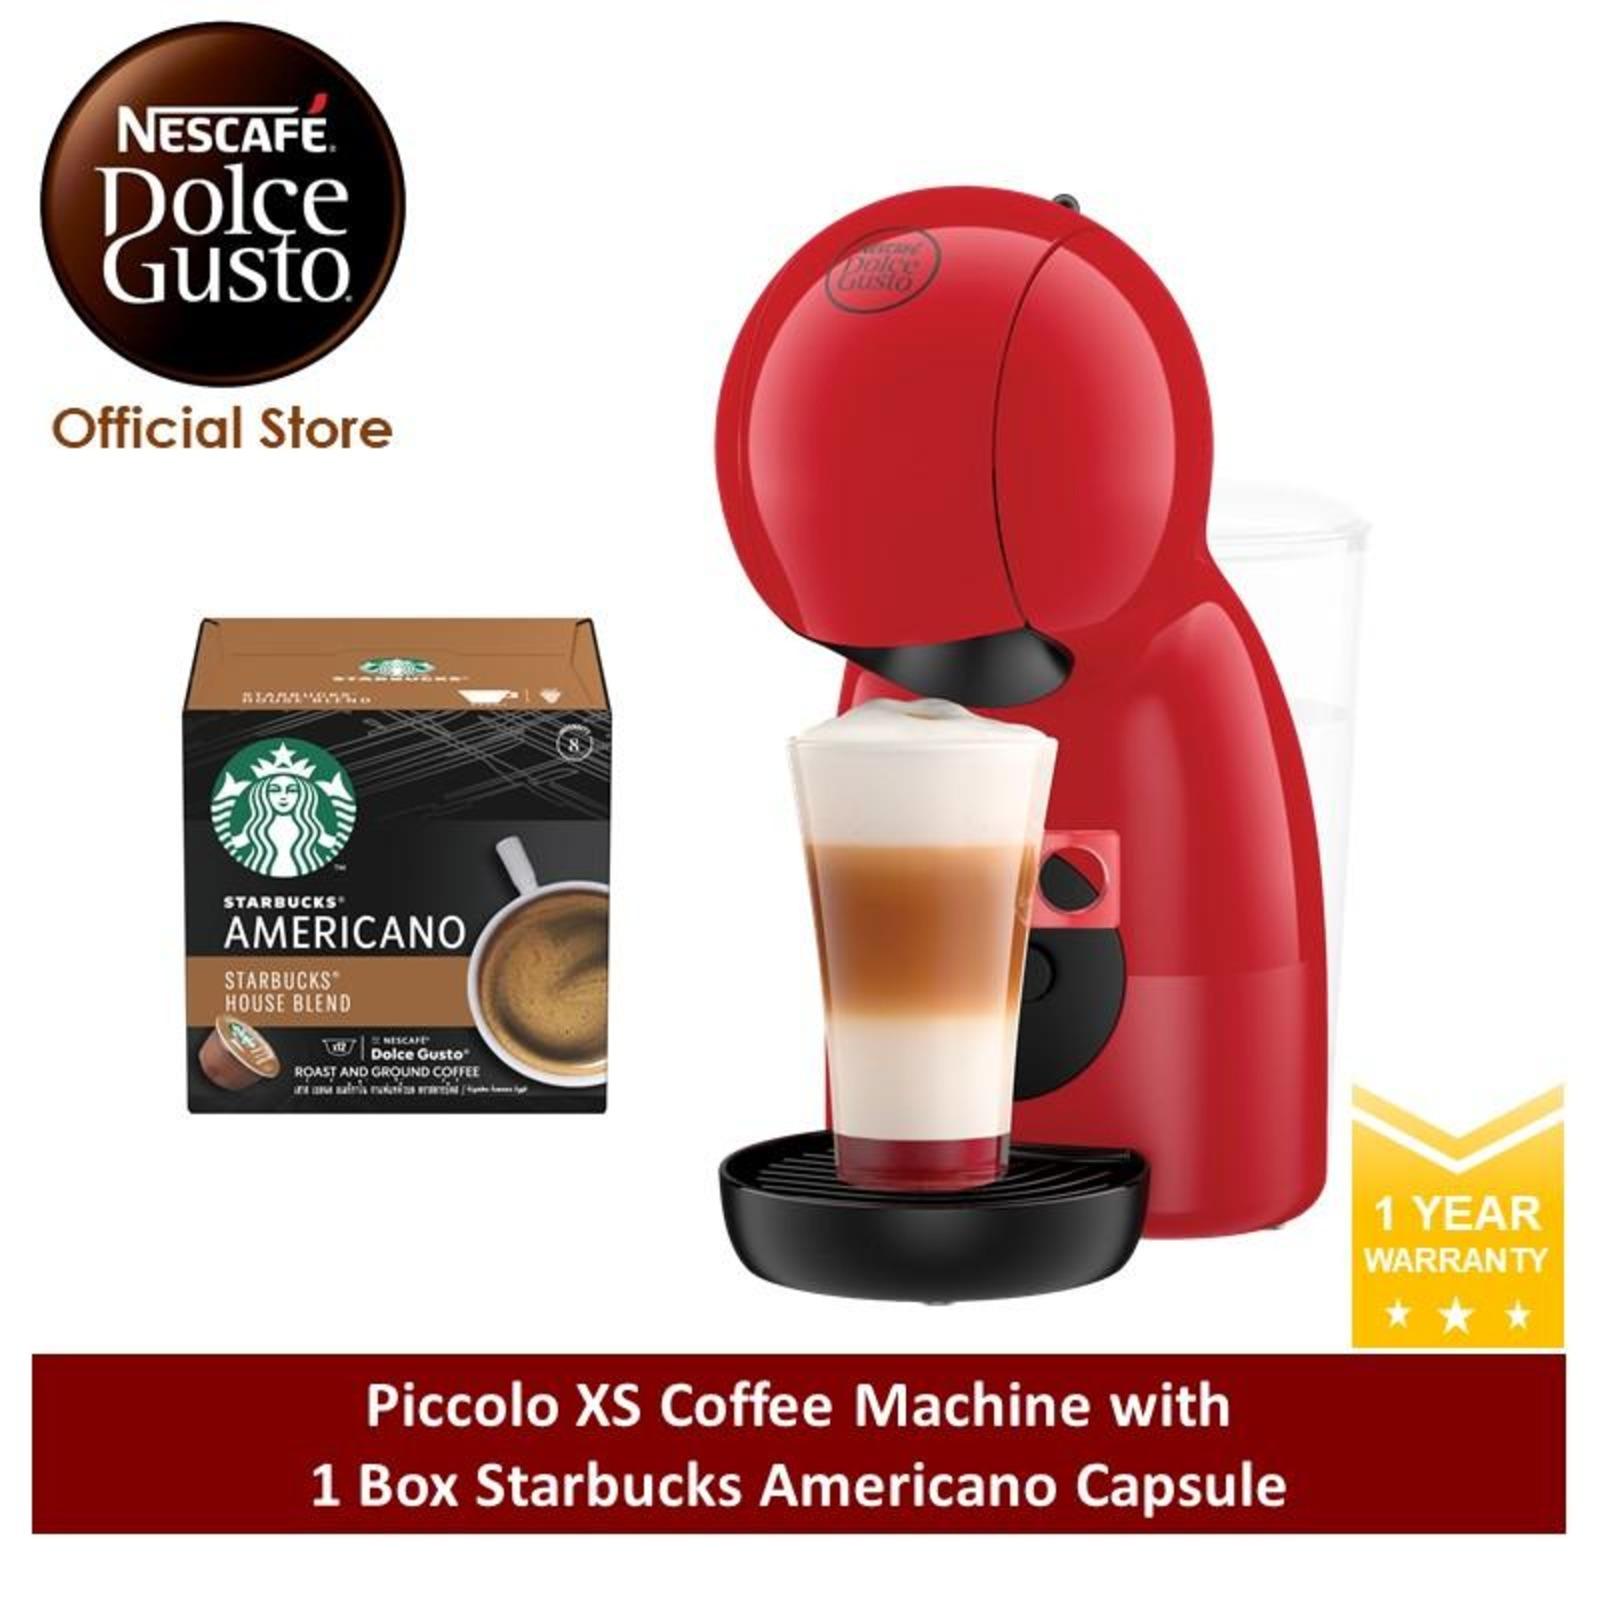 NESCAFE Dolce Gusto PiccoloXS w Starbucks Coffee Capsule(DR)